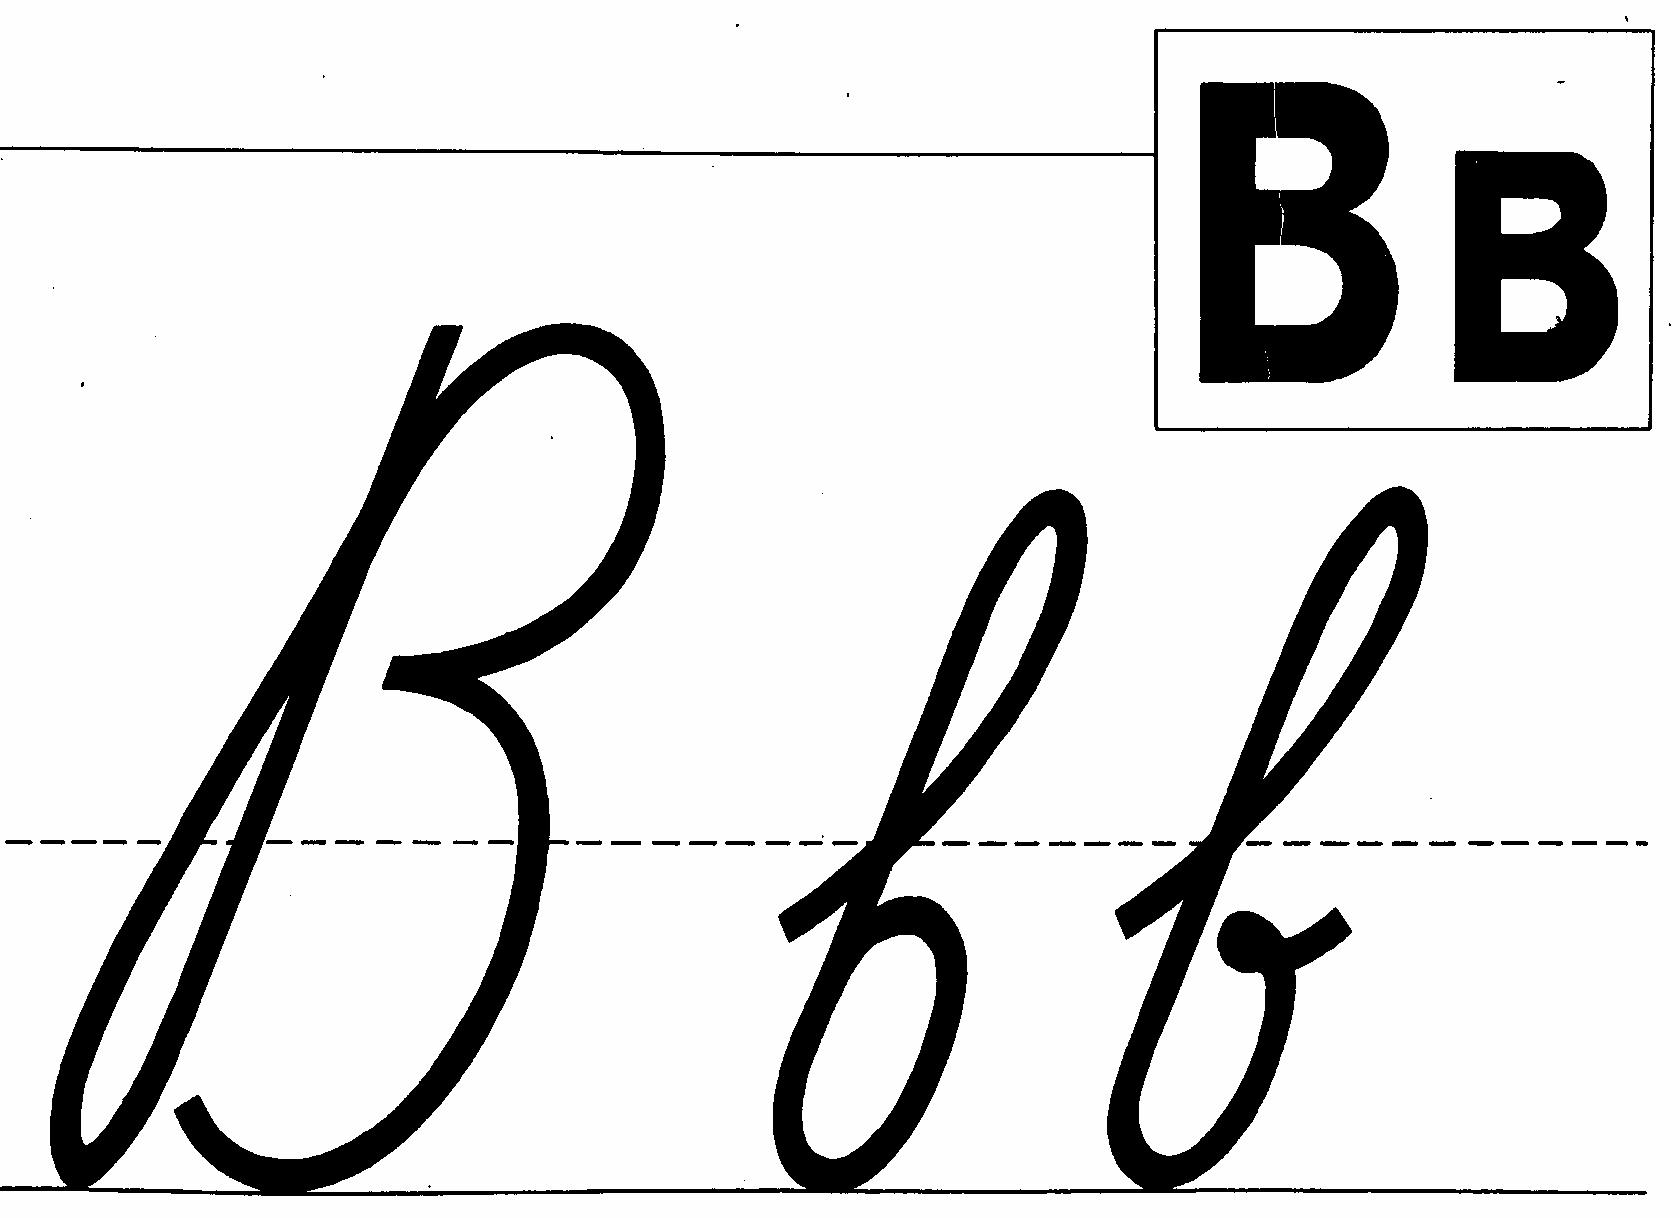 5C1C0012